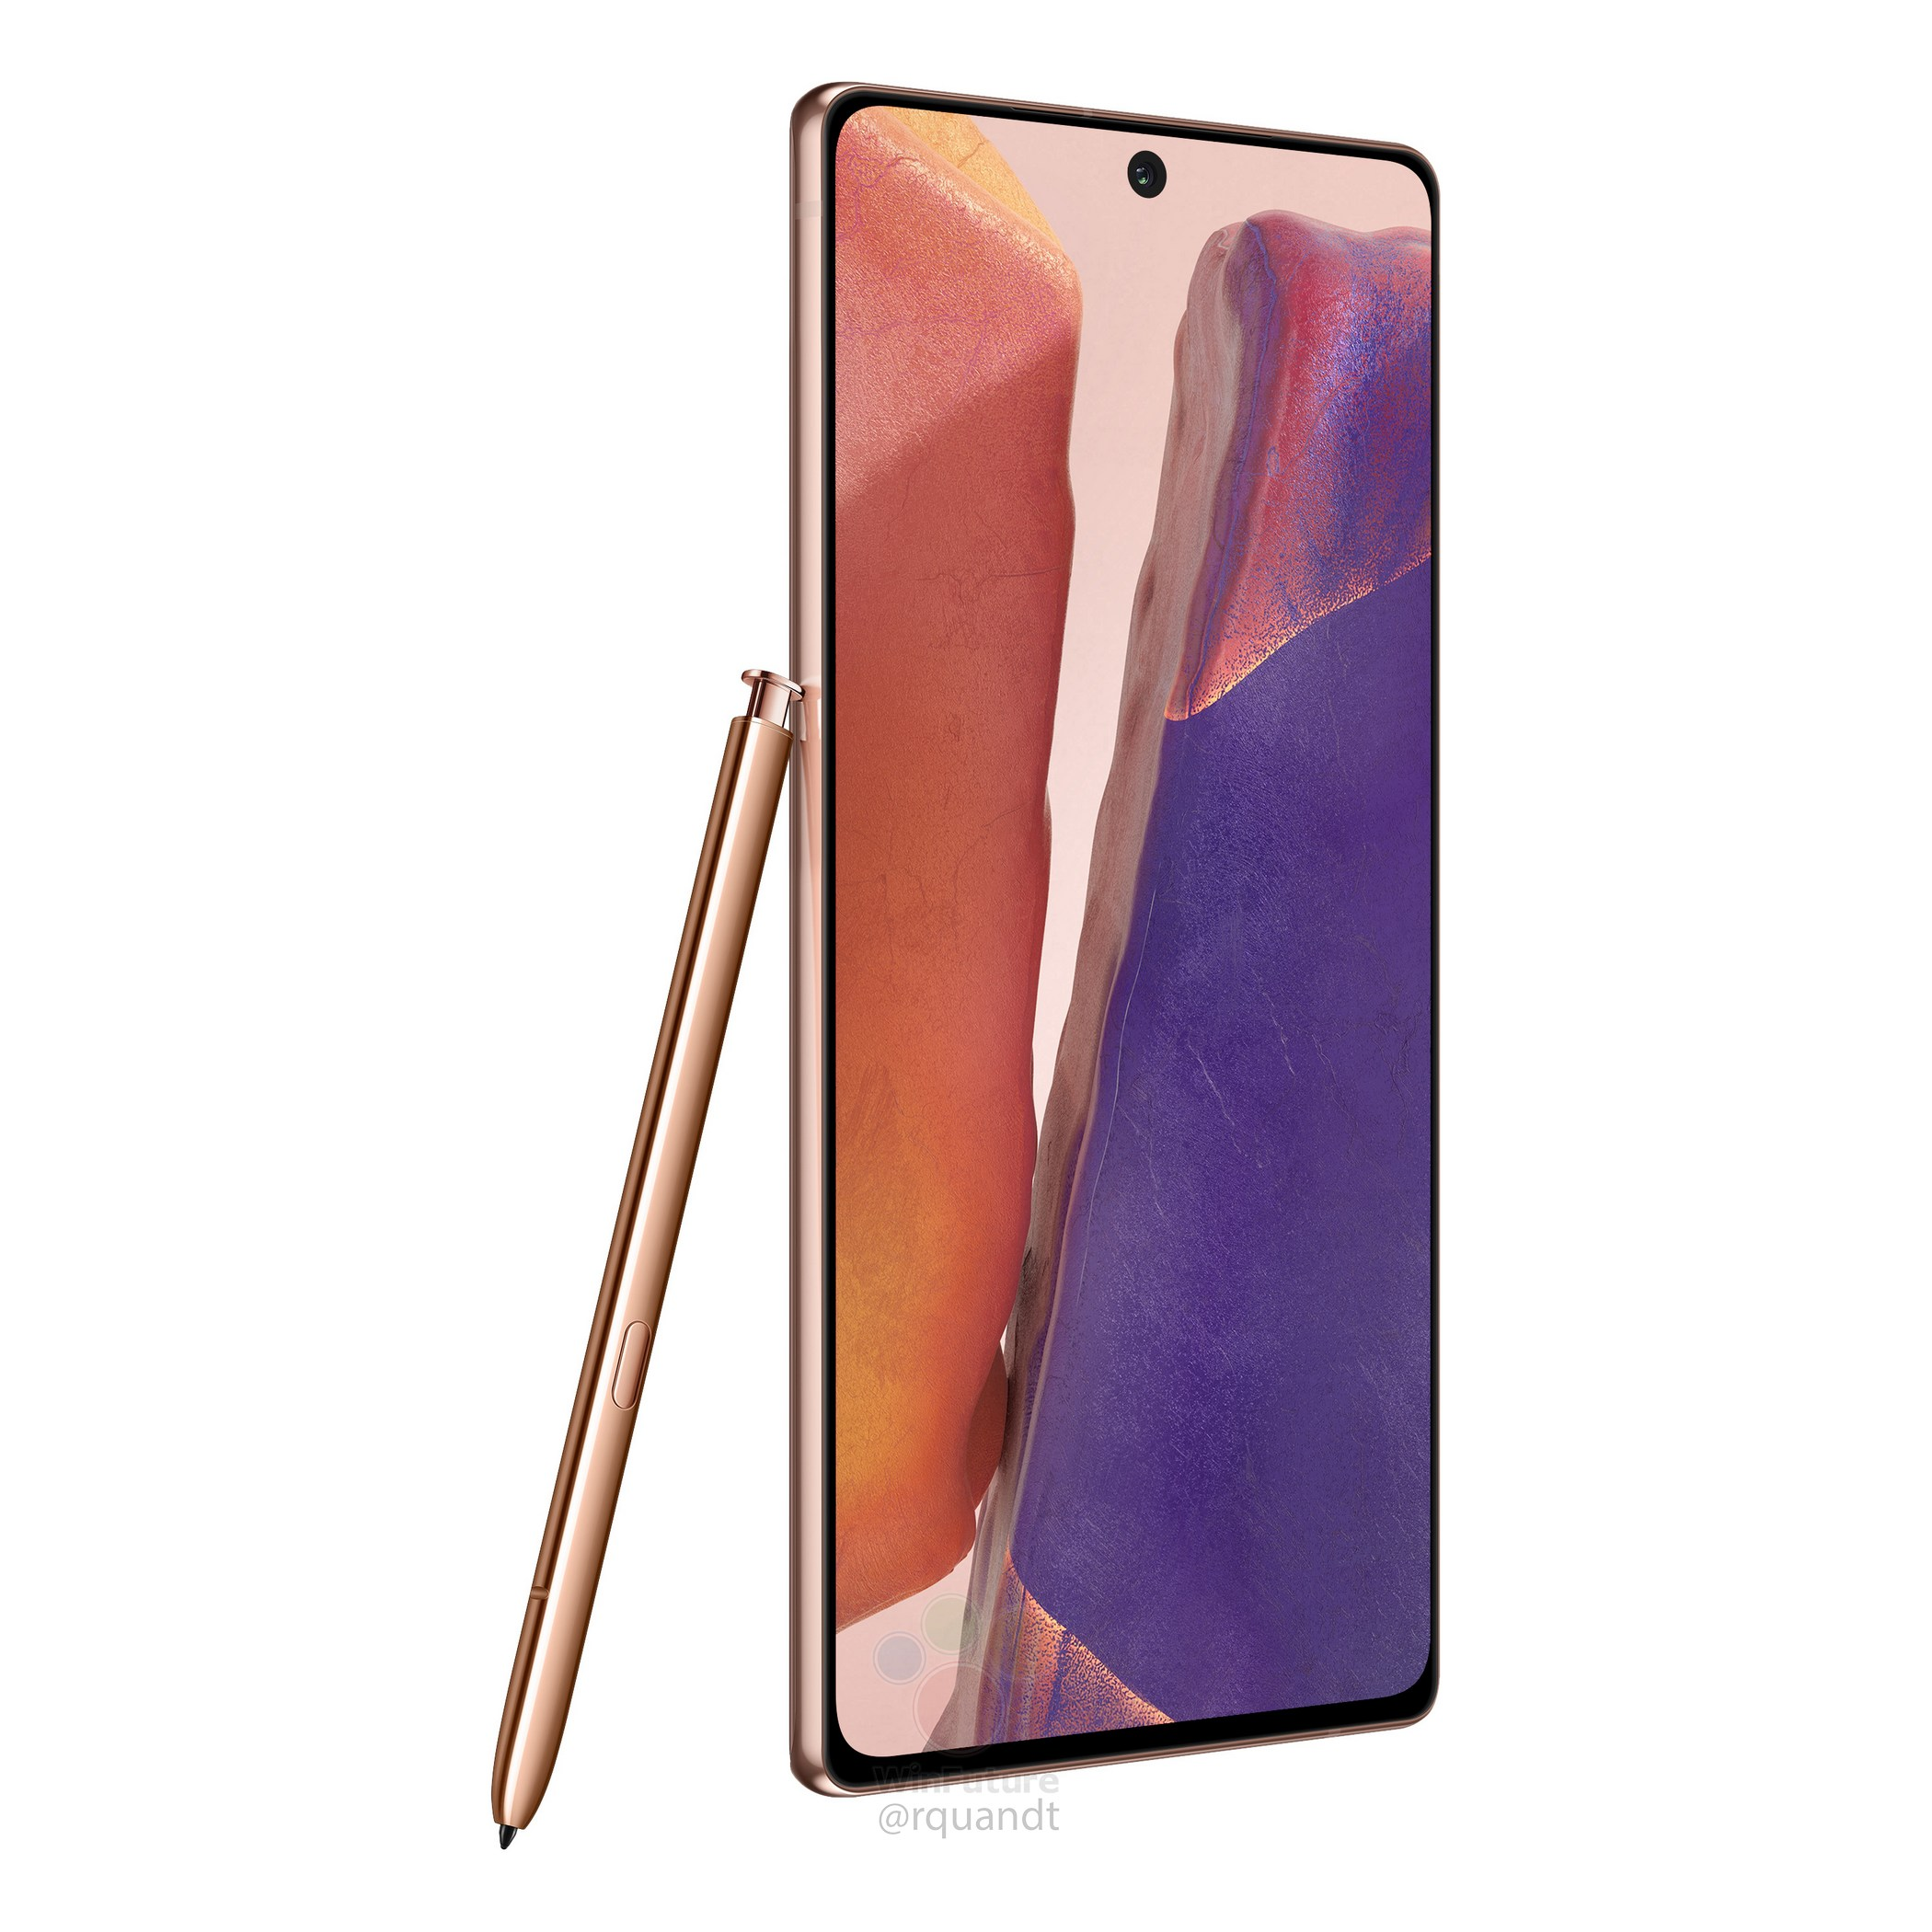 Rò rỉ về dung lượng pin sạc của Galaxy Note 20 có khiến bạn thất vọng?